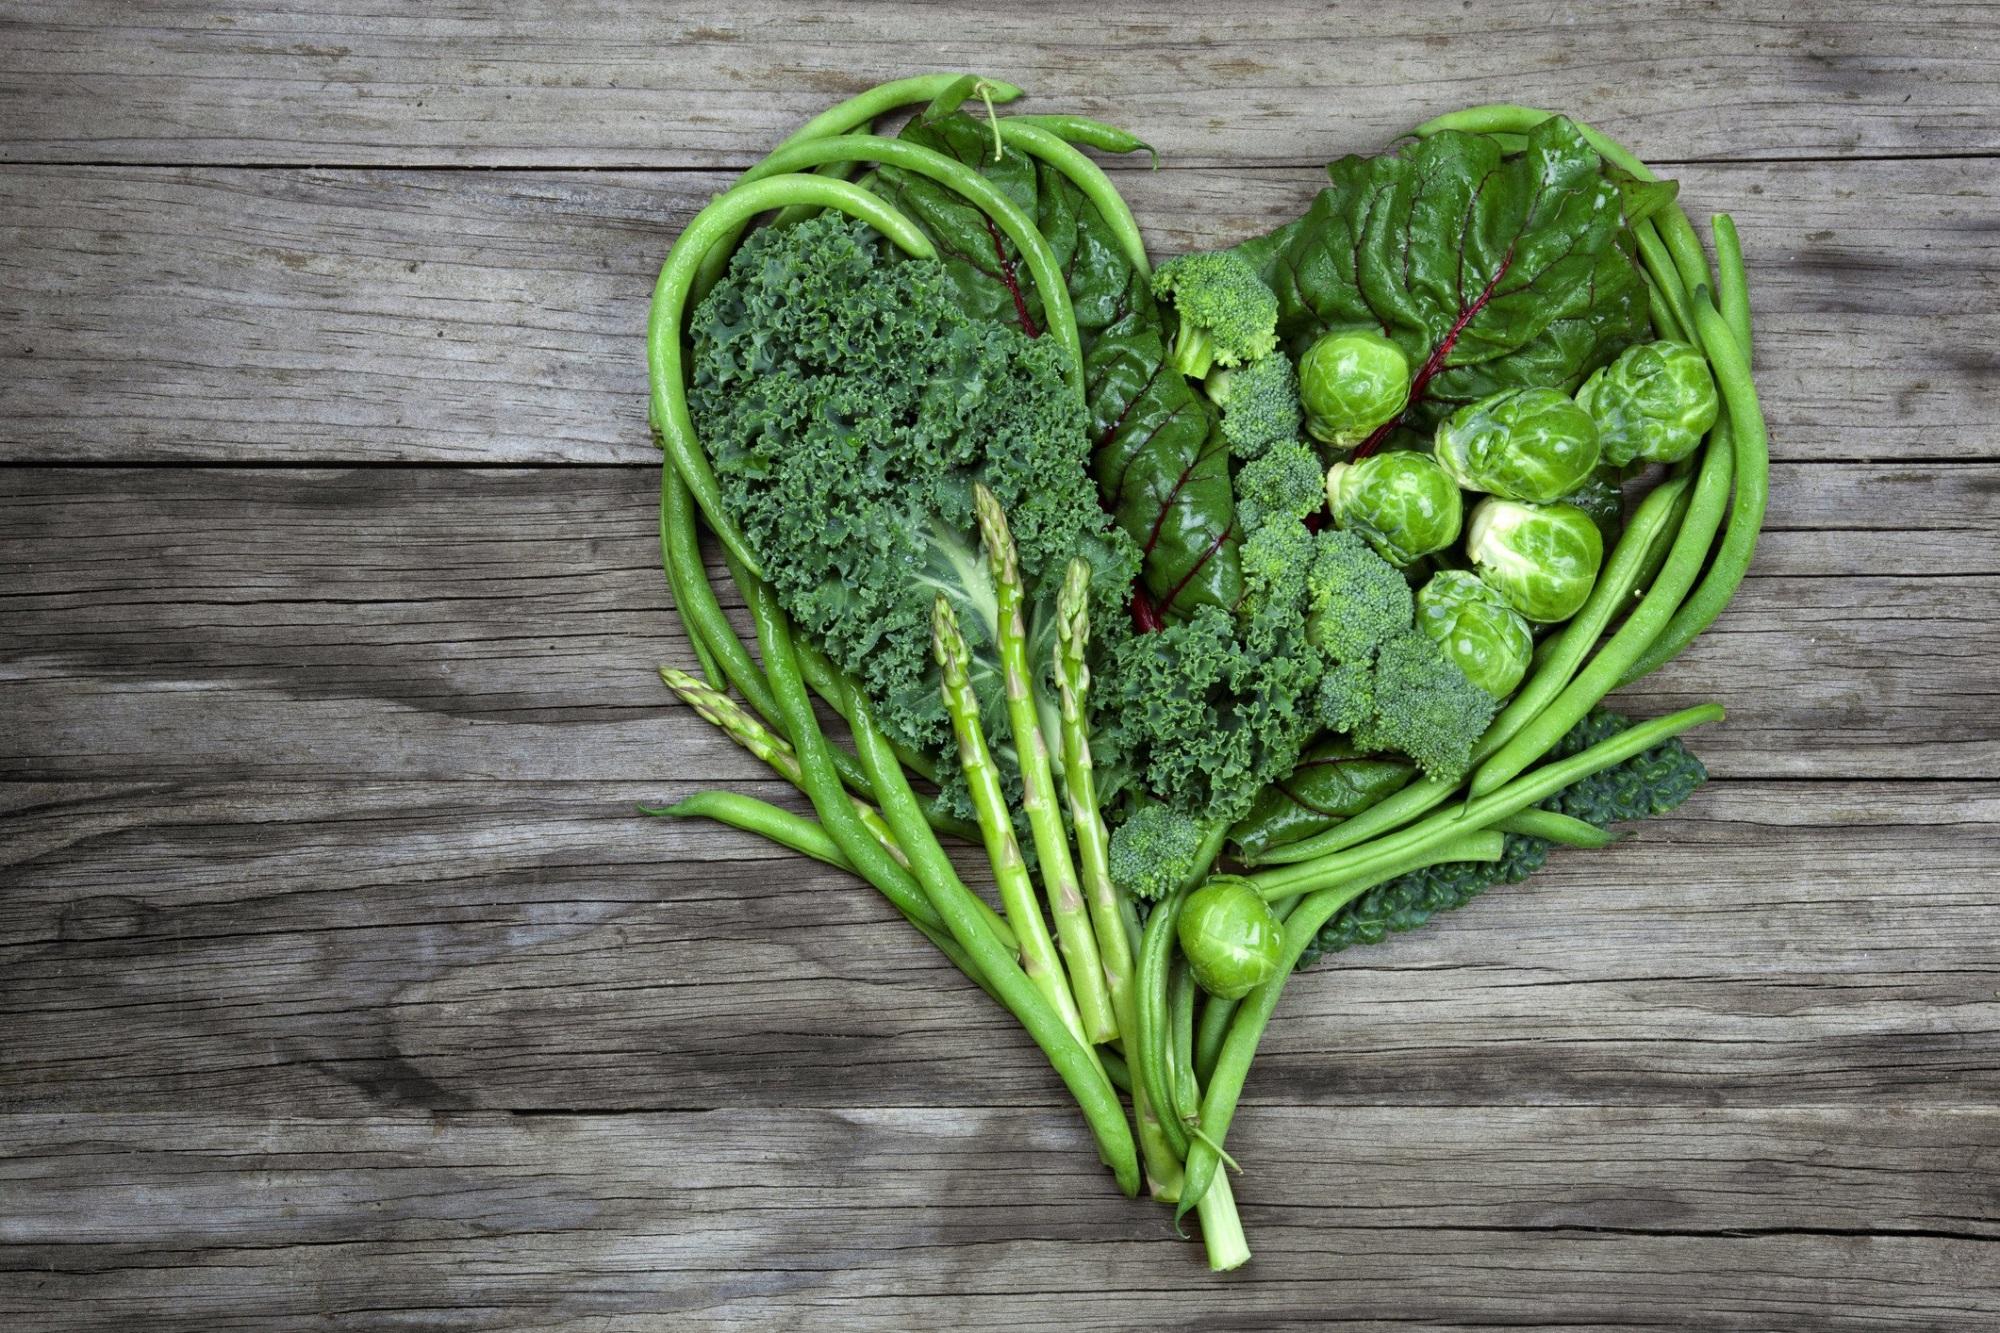 Rau xanh chứa nhiều vitamin A, có chức năng cân bằng hormone trong cơ thể